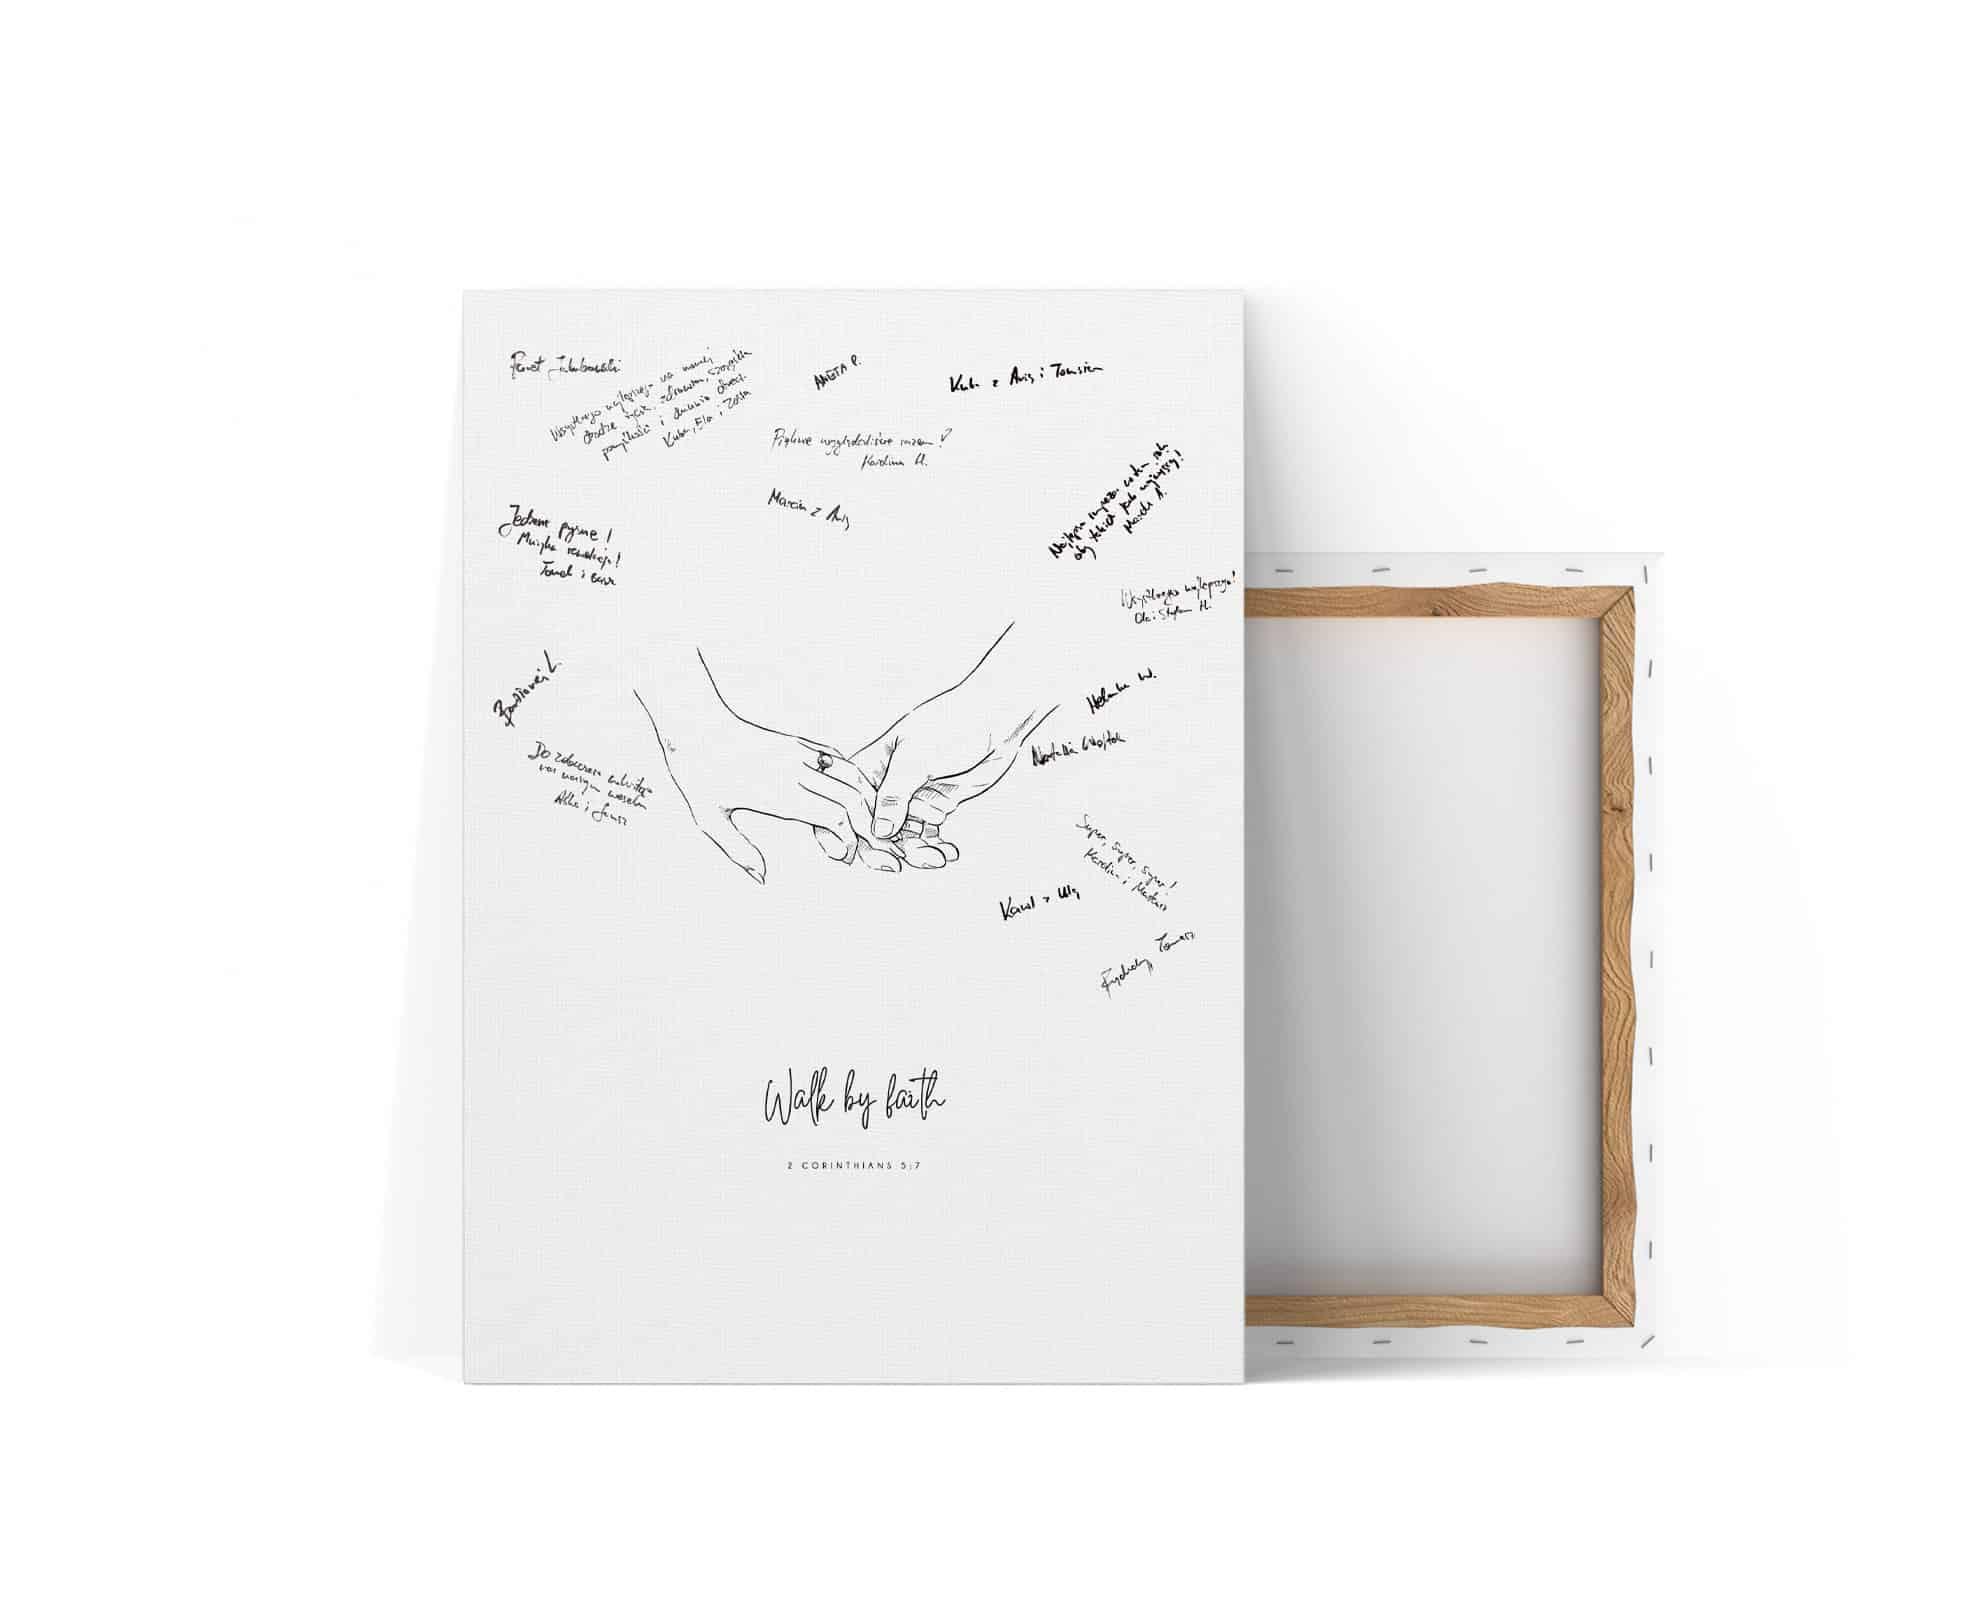 Pomysła na księgę gości z rysunkiem trzymających się dłoni i napisem walk by faith